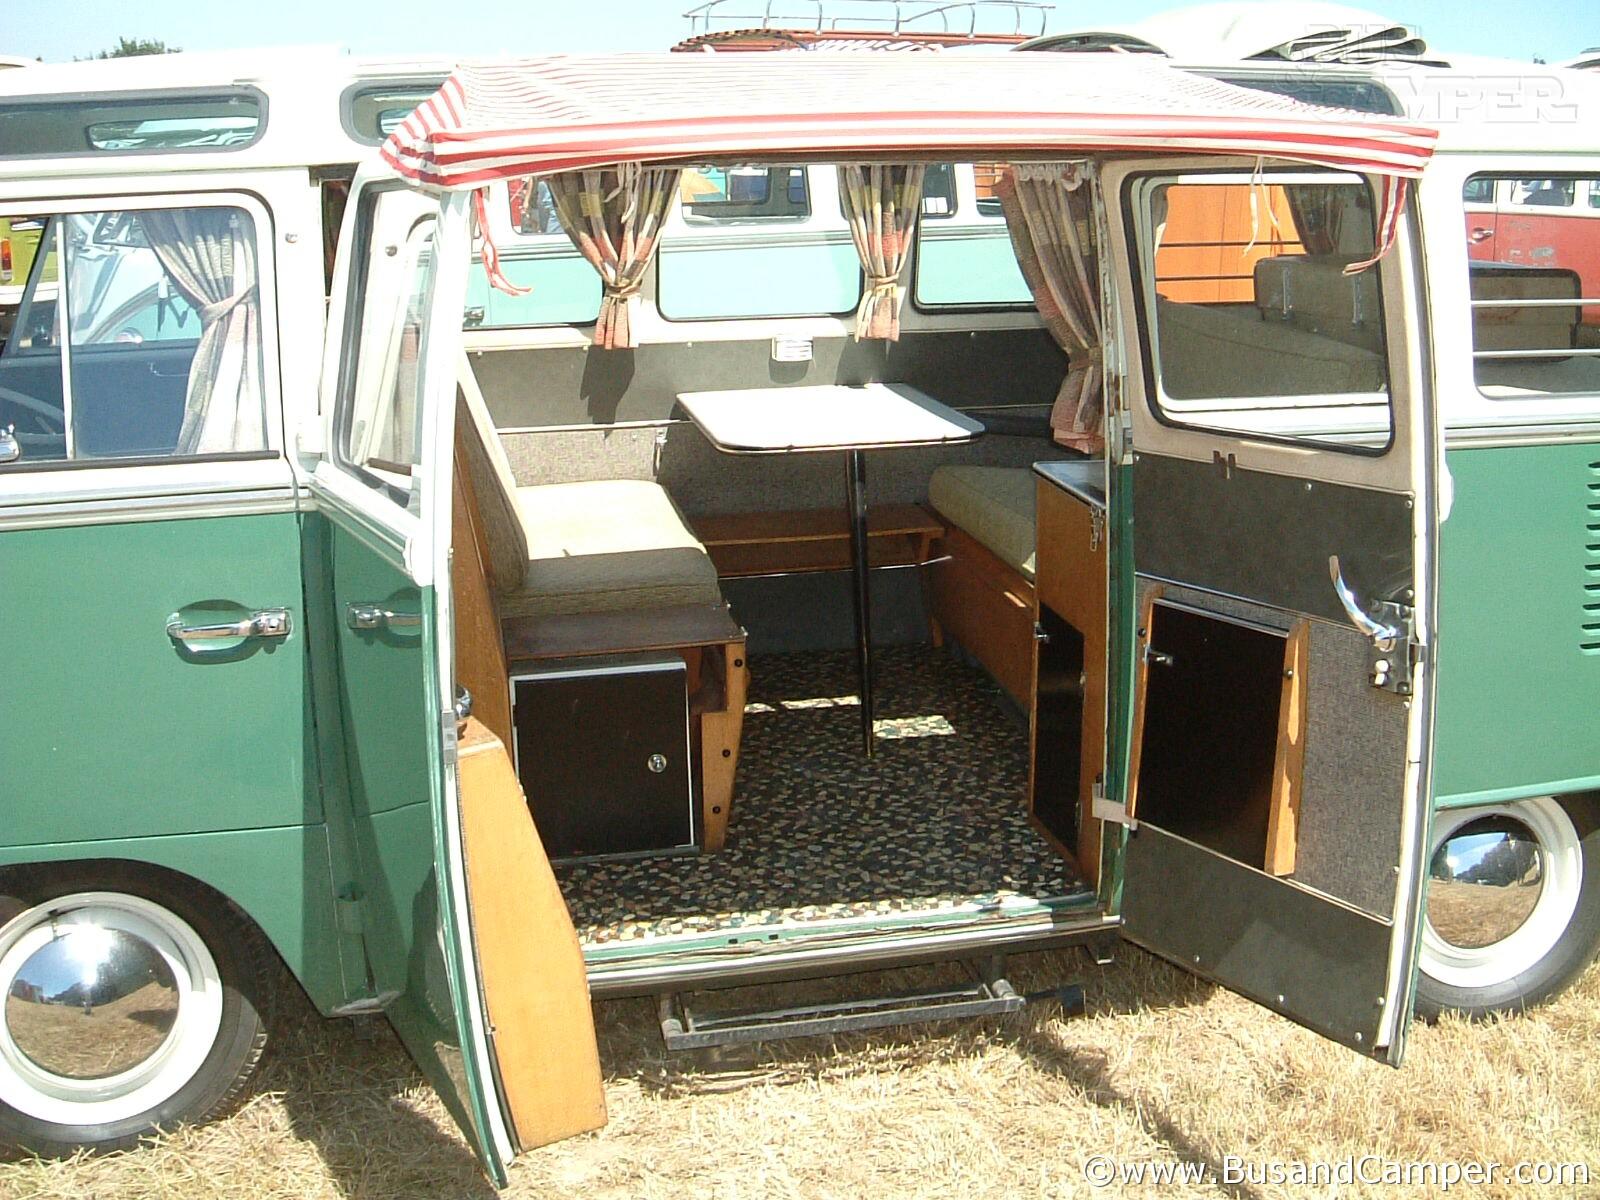 RHD Devon camper interior